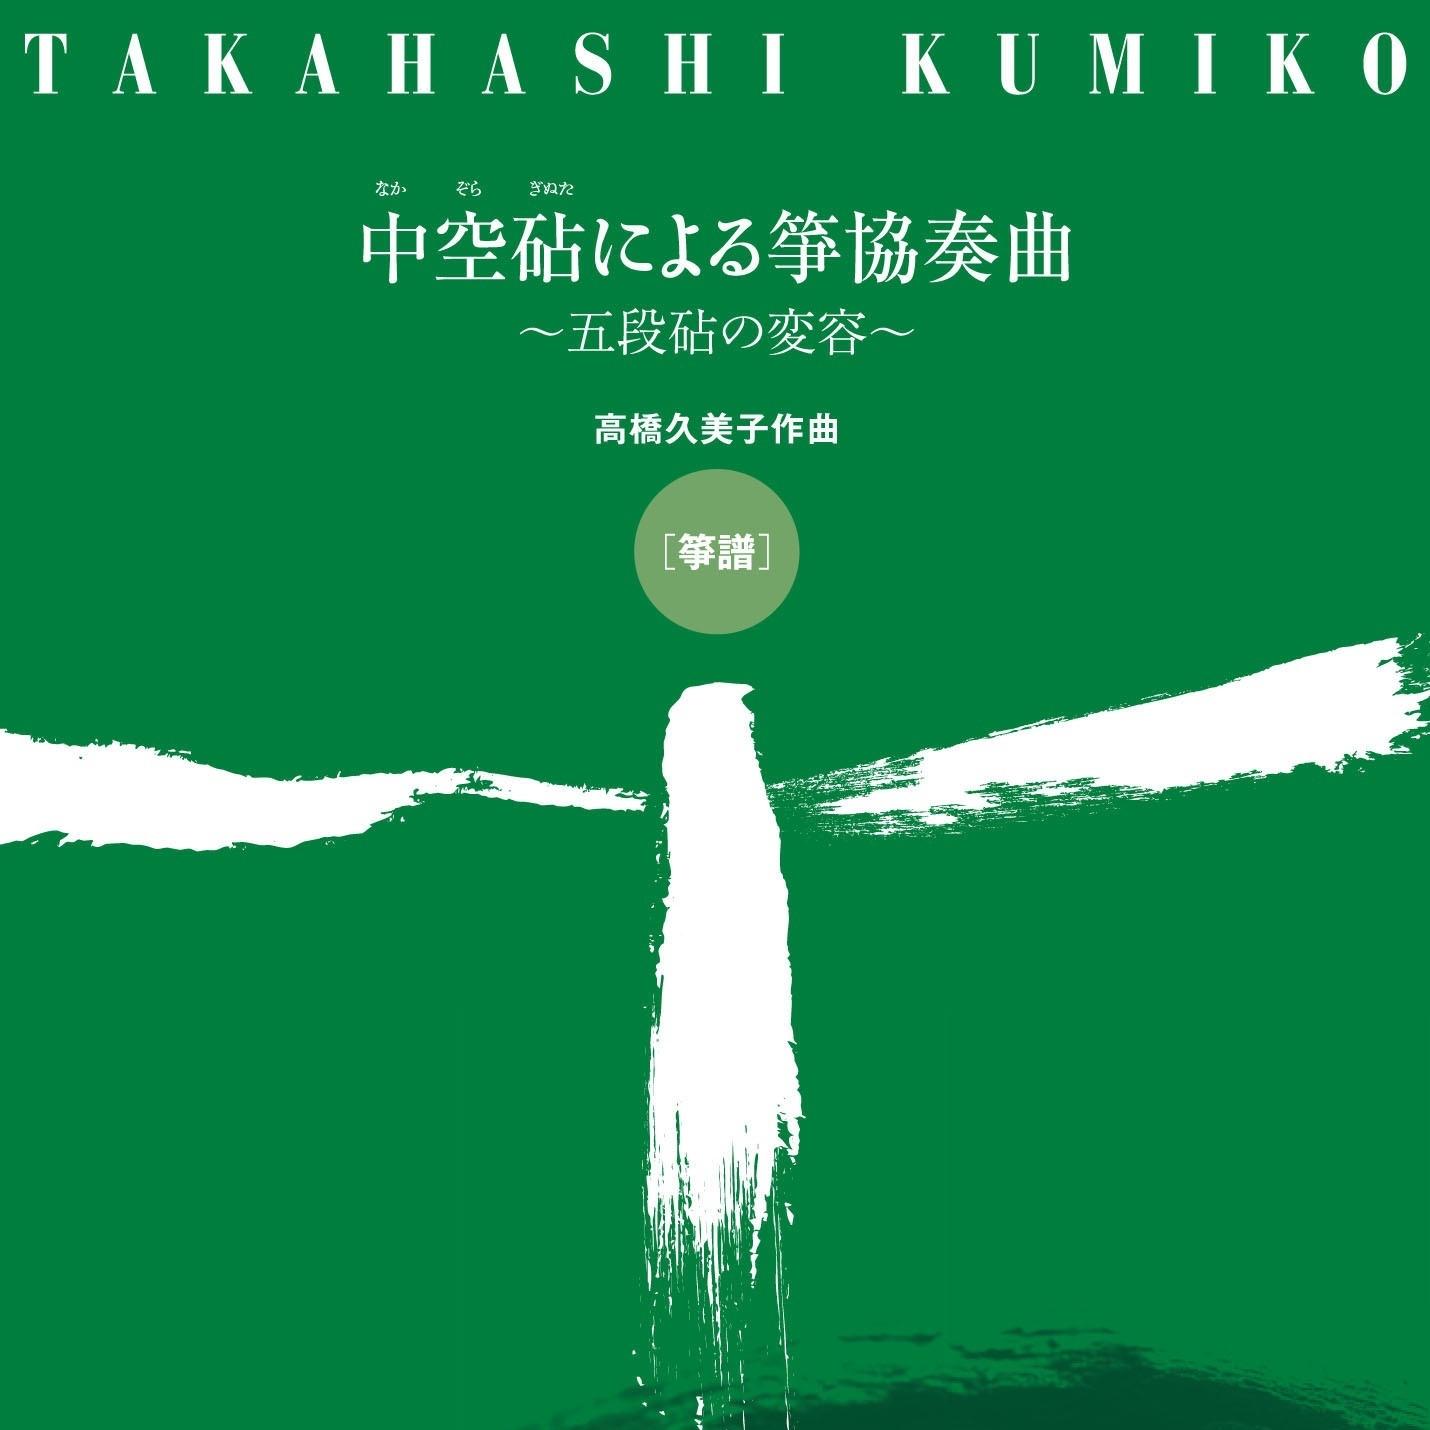 【楽譜 】中空砧による箏協奏曲~五段砧の変容(箏譜)B5判